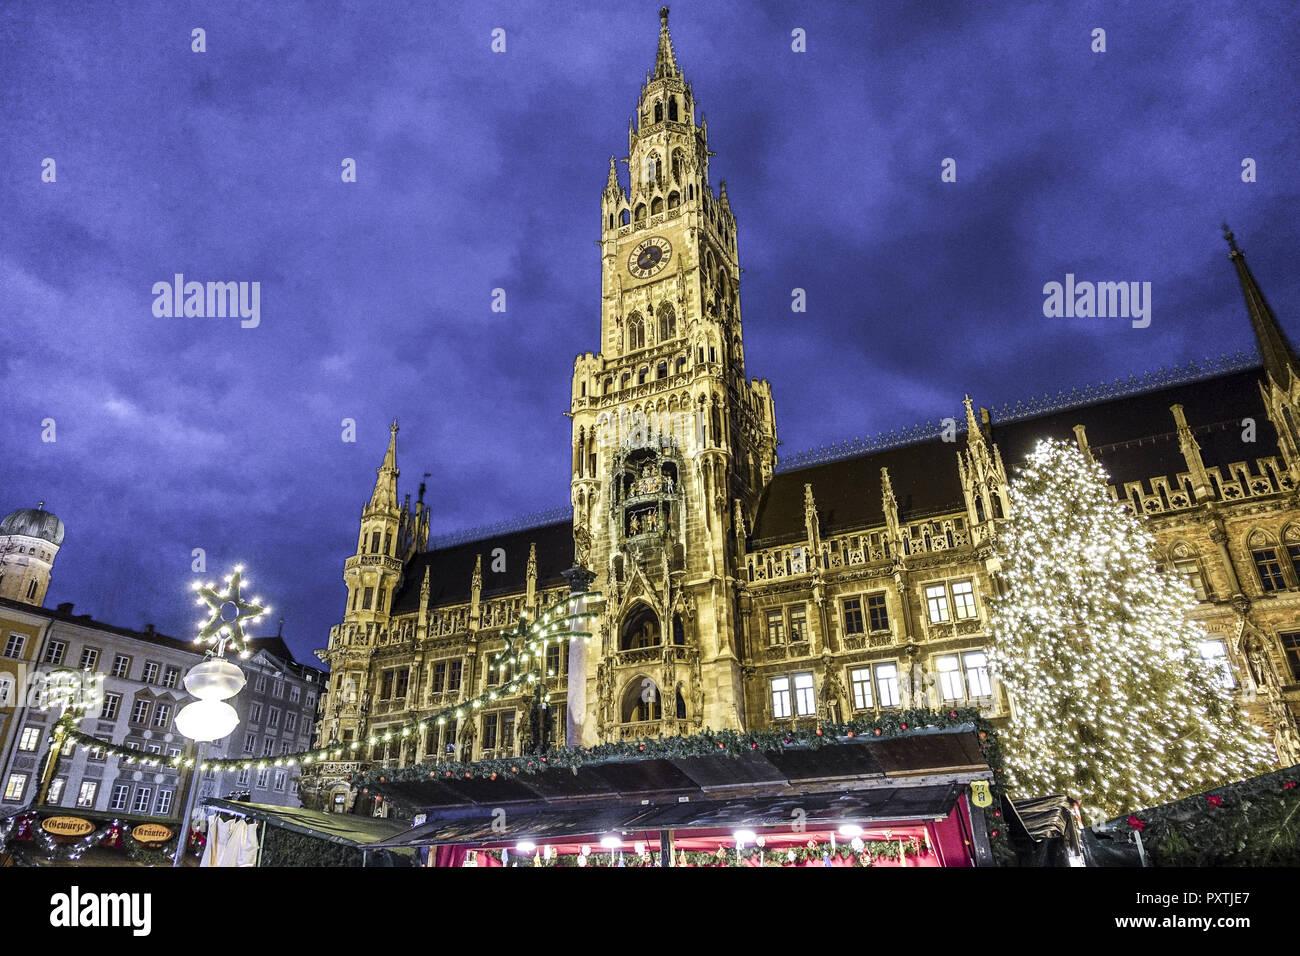 Weihnachtsmarkt H.Christkindlmarkt Weihnachtsmarkt Am Münchner Marienplatz Christmas